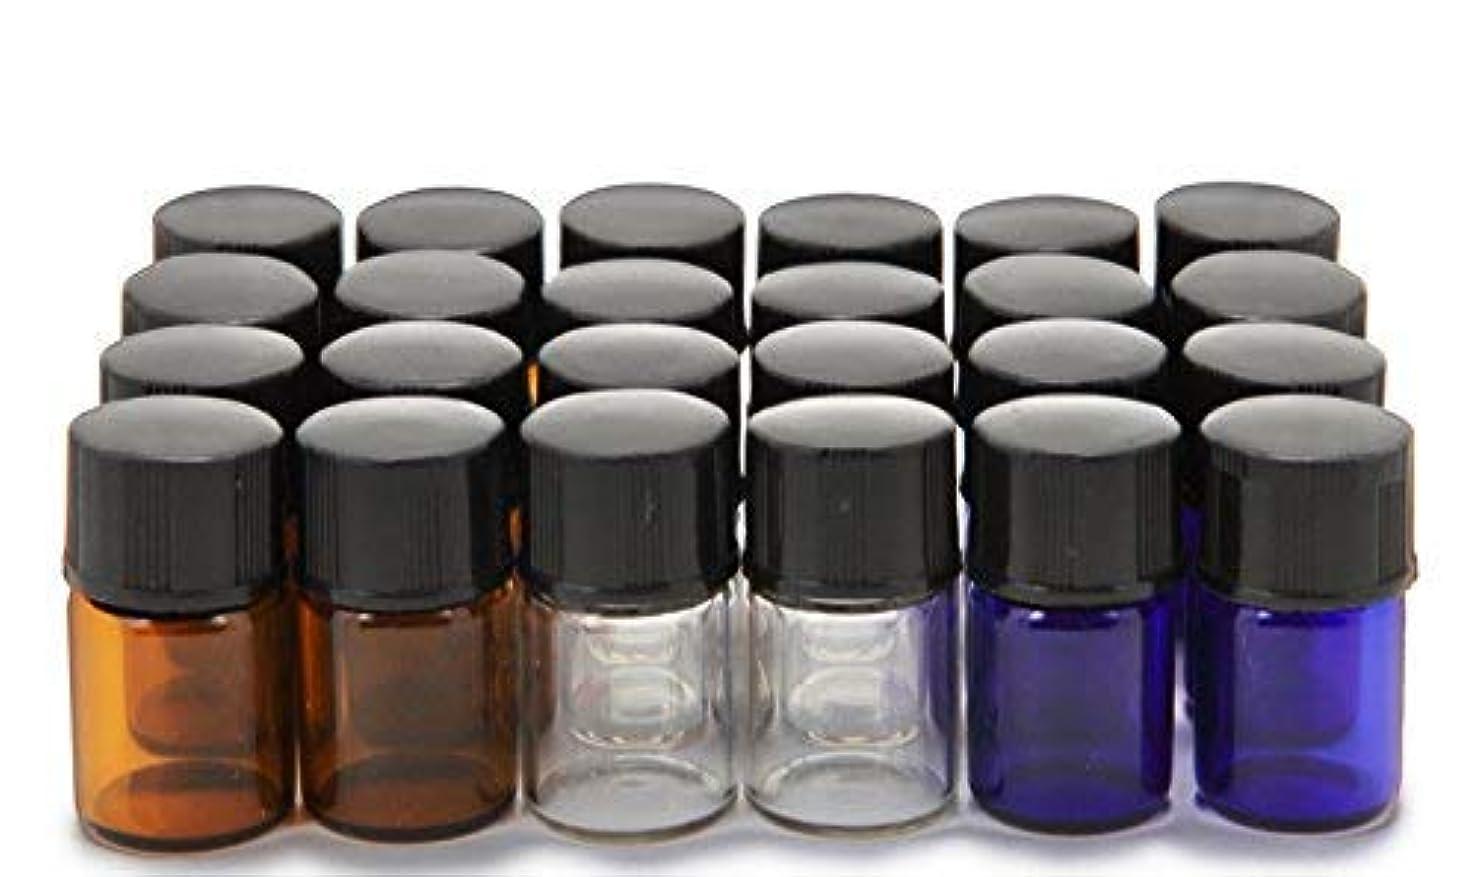 出力大統領魅力的であることへのアピールVivaplex, 24, Assorted Colors, 2 ml (5/8 Dram) Glass Bottles, with Orifice Reducers and Black Caps [並行輸入品]